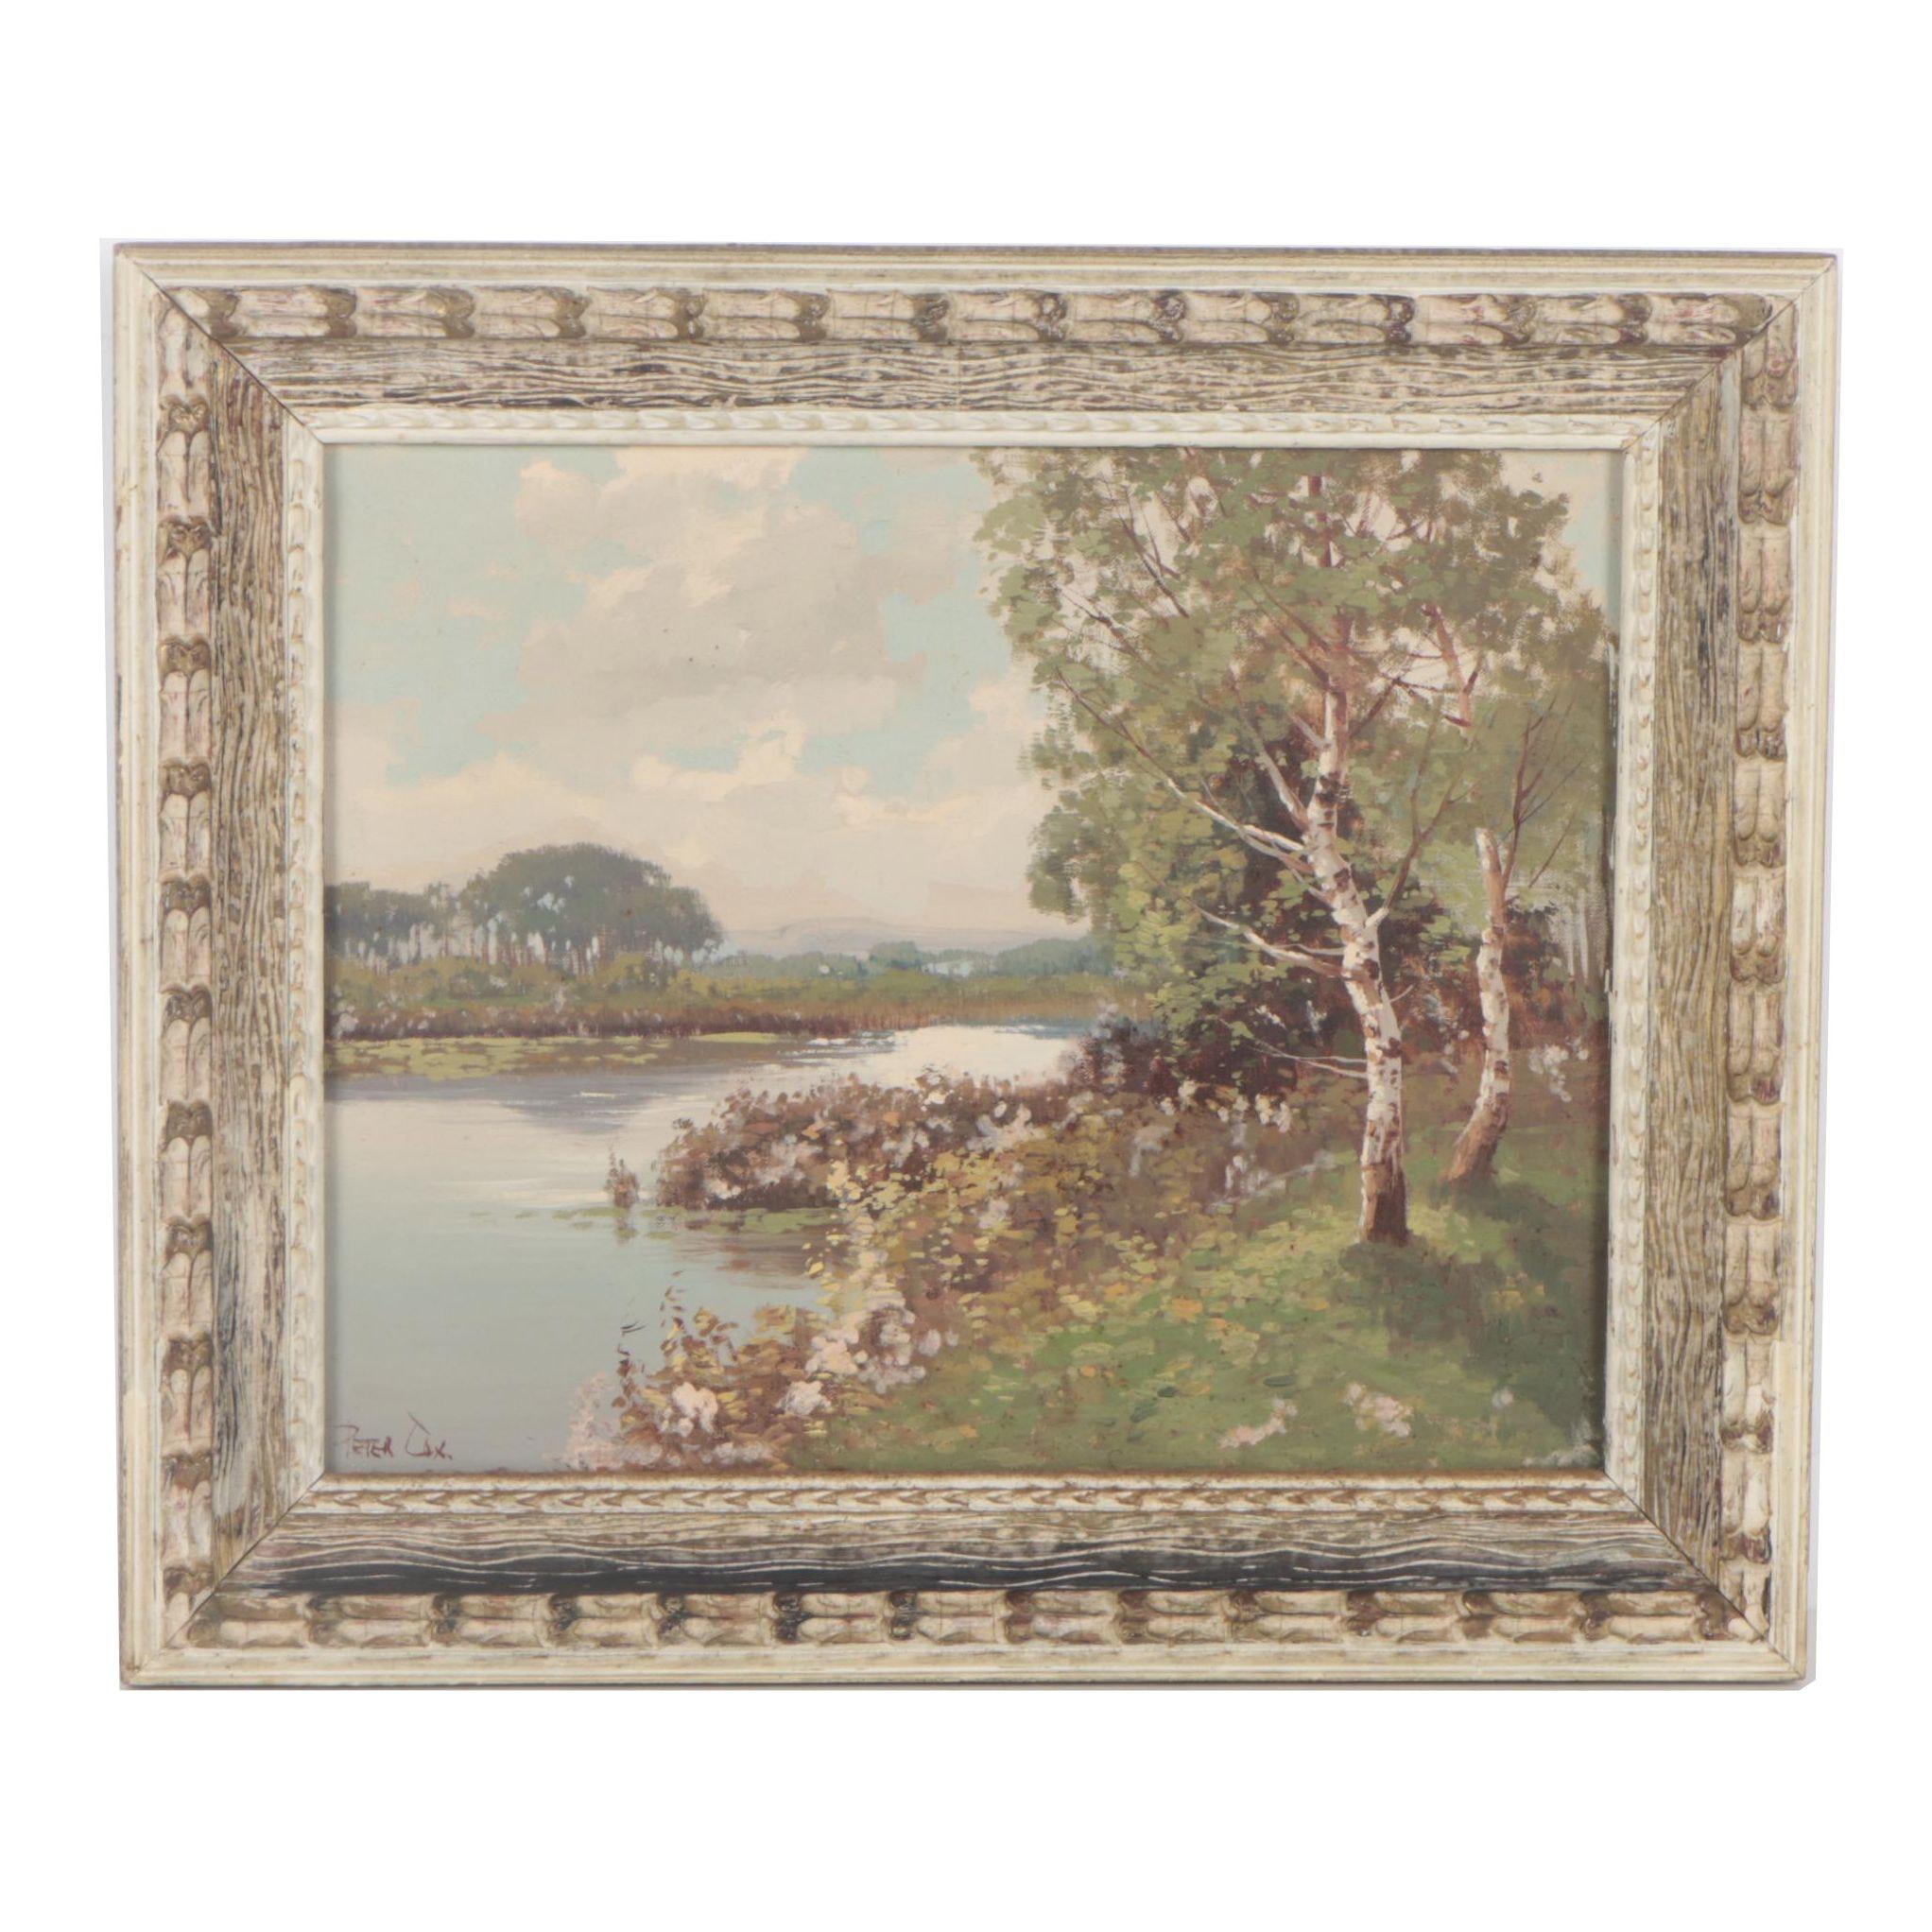 Peter Cox Landscape Oil Painting